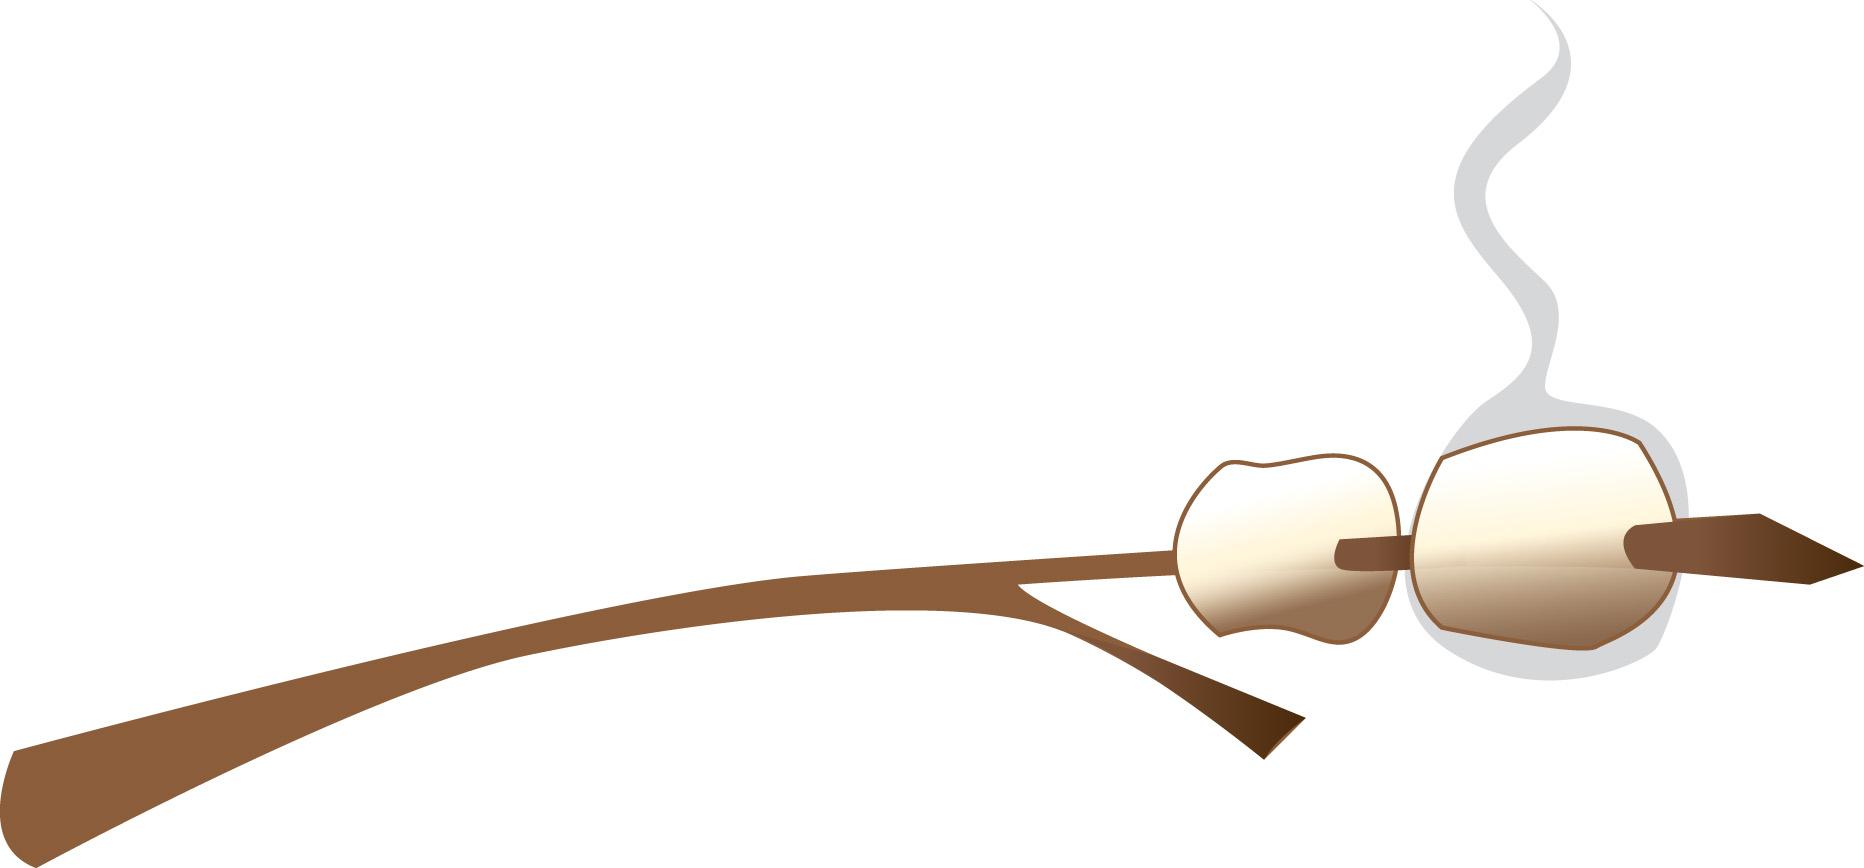 Marshmallow clip art 2